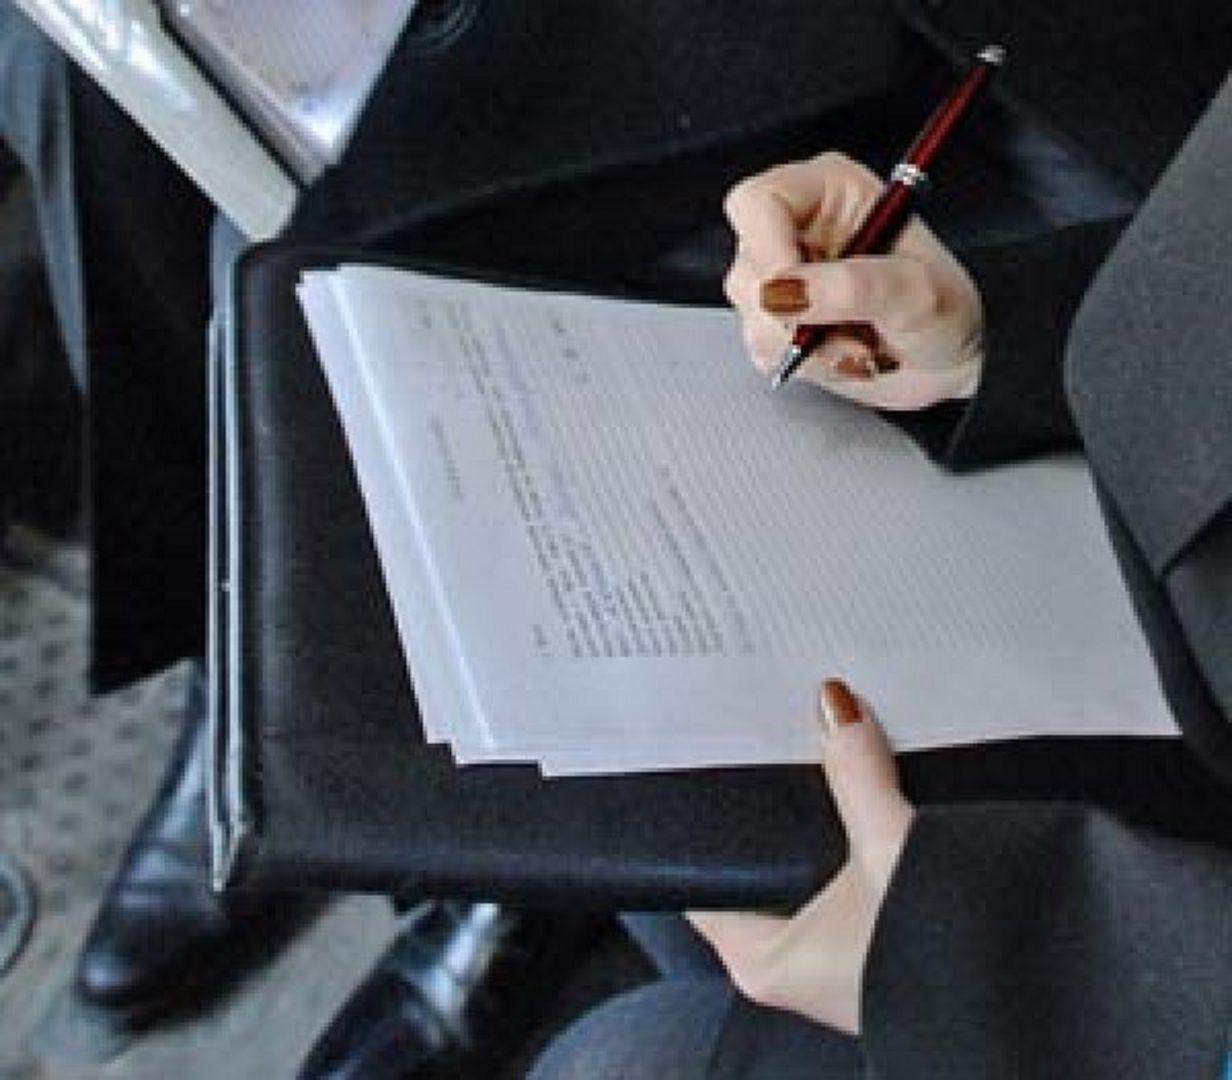 НаСтаврополье руководитель университета выдал поддельный диплом завознаграждение